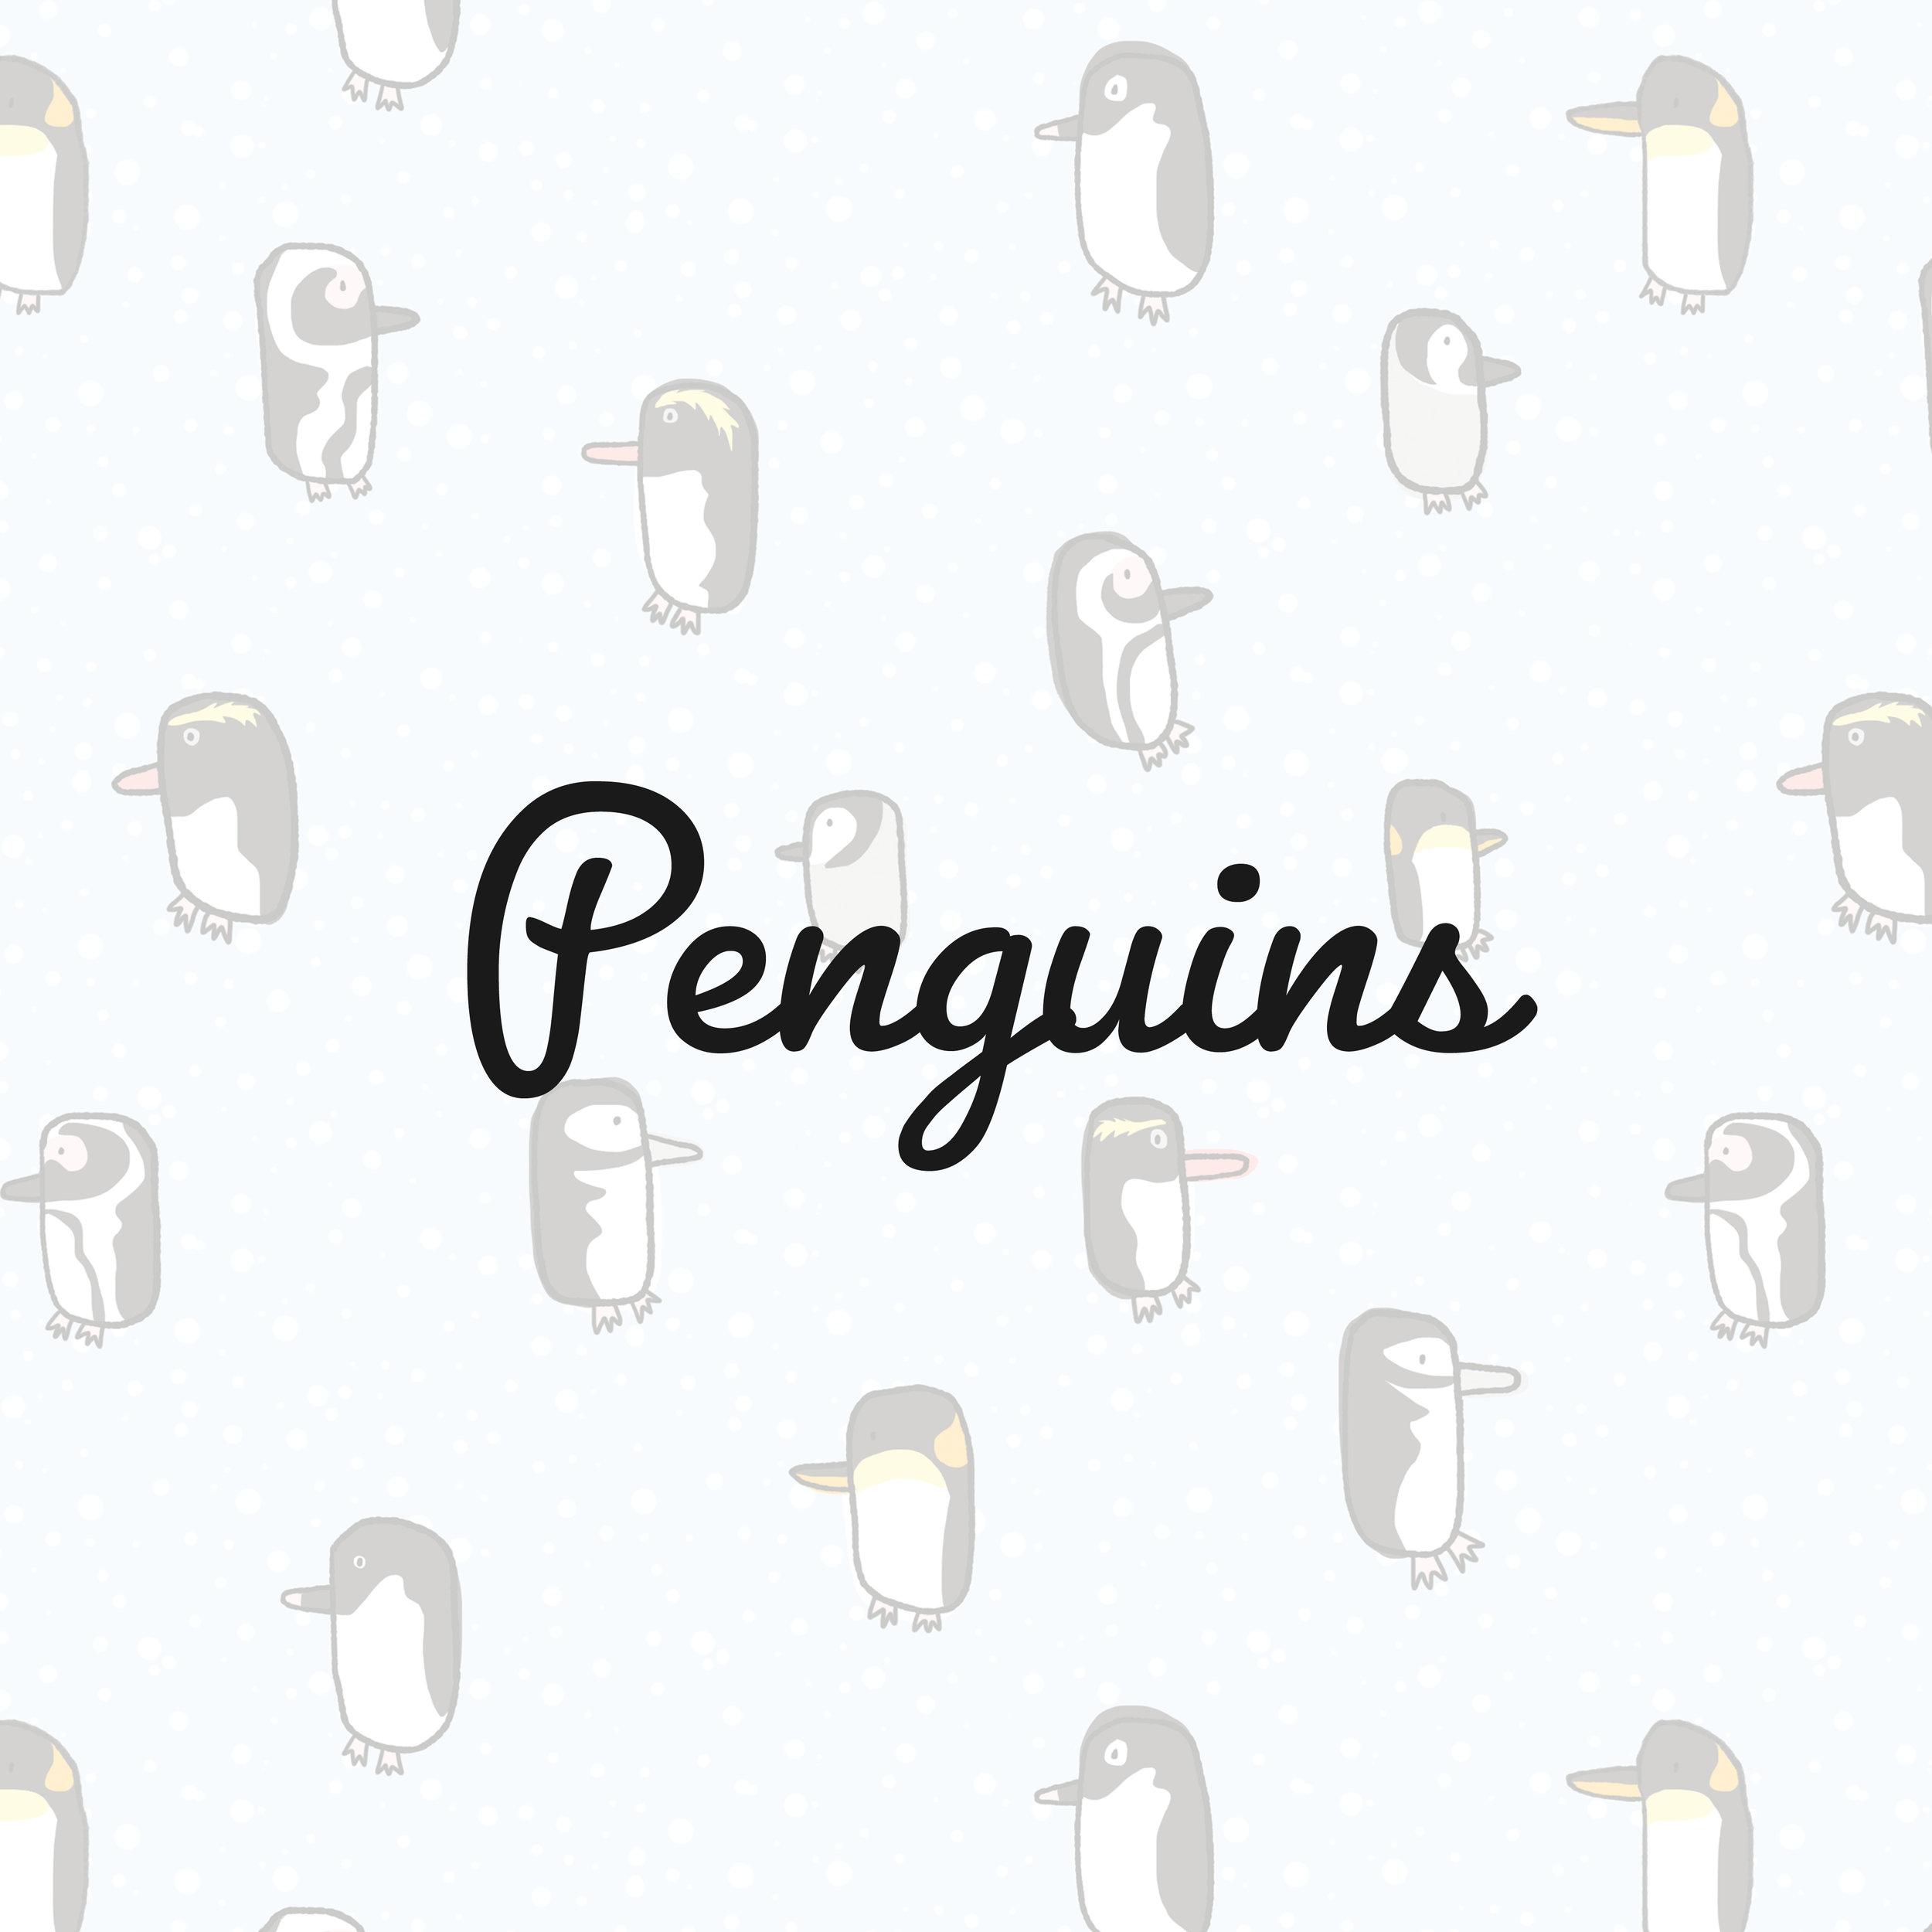 Penguins_square.jpg